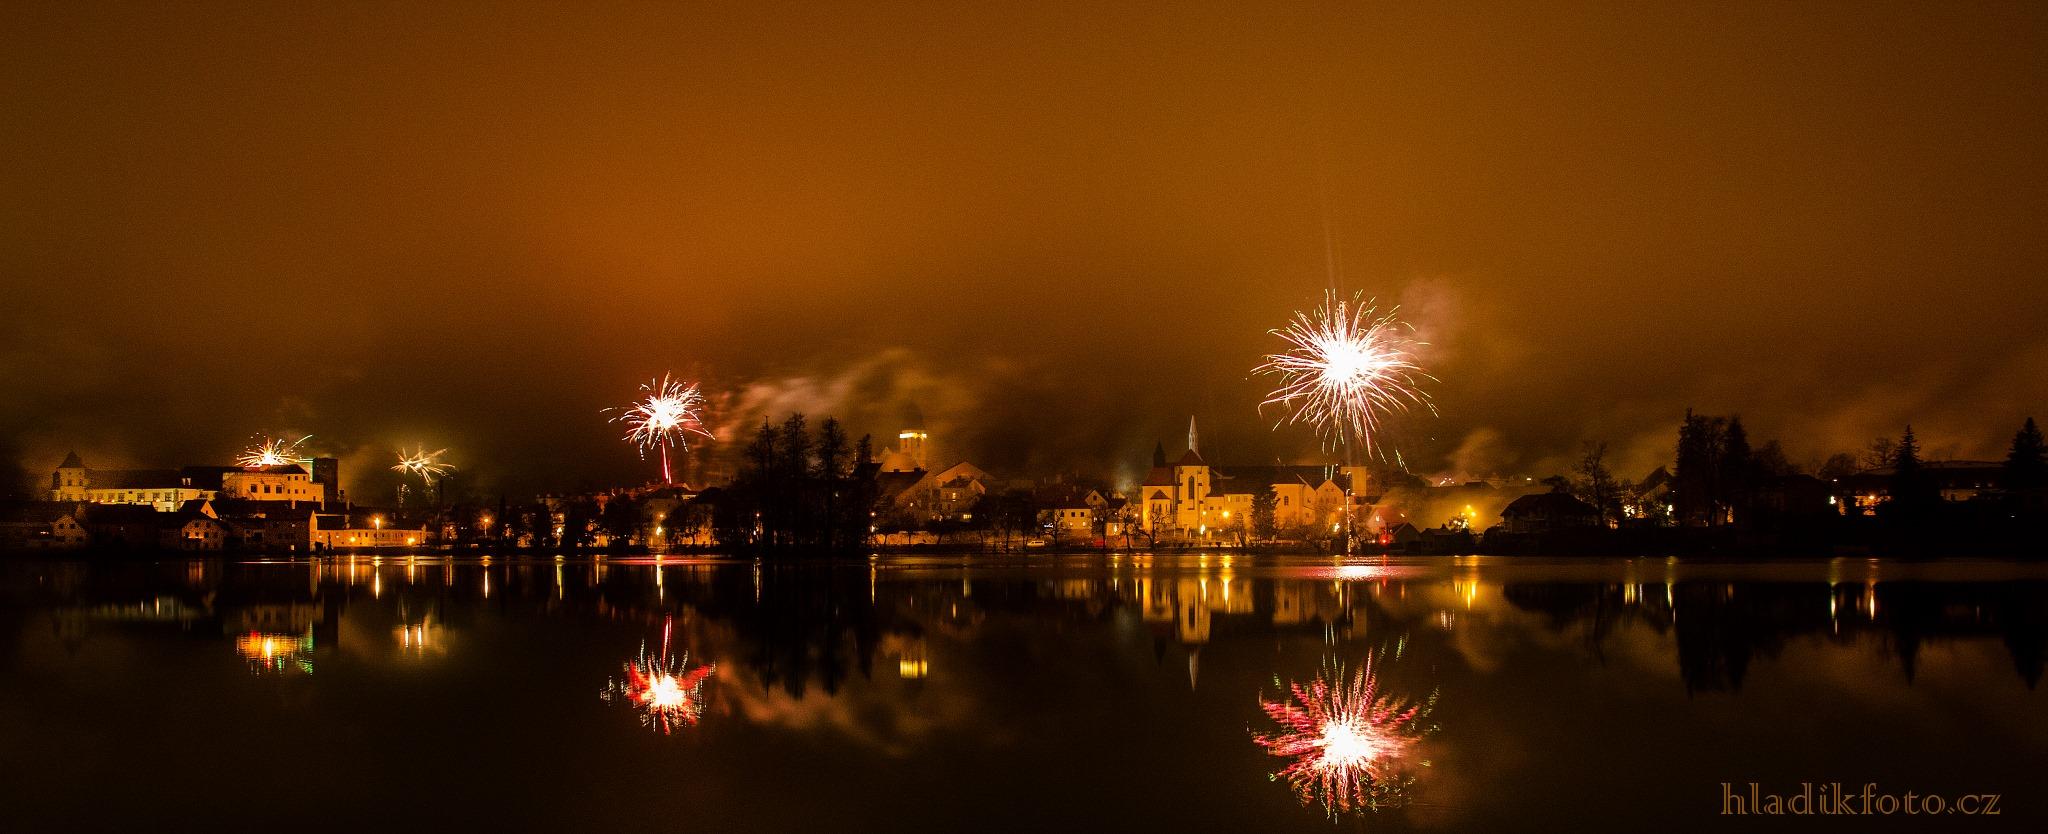 Novoroční ohňostroj v Jindřichově Hradci - Foto: Stanislav Hladík